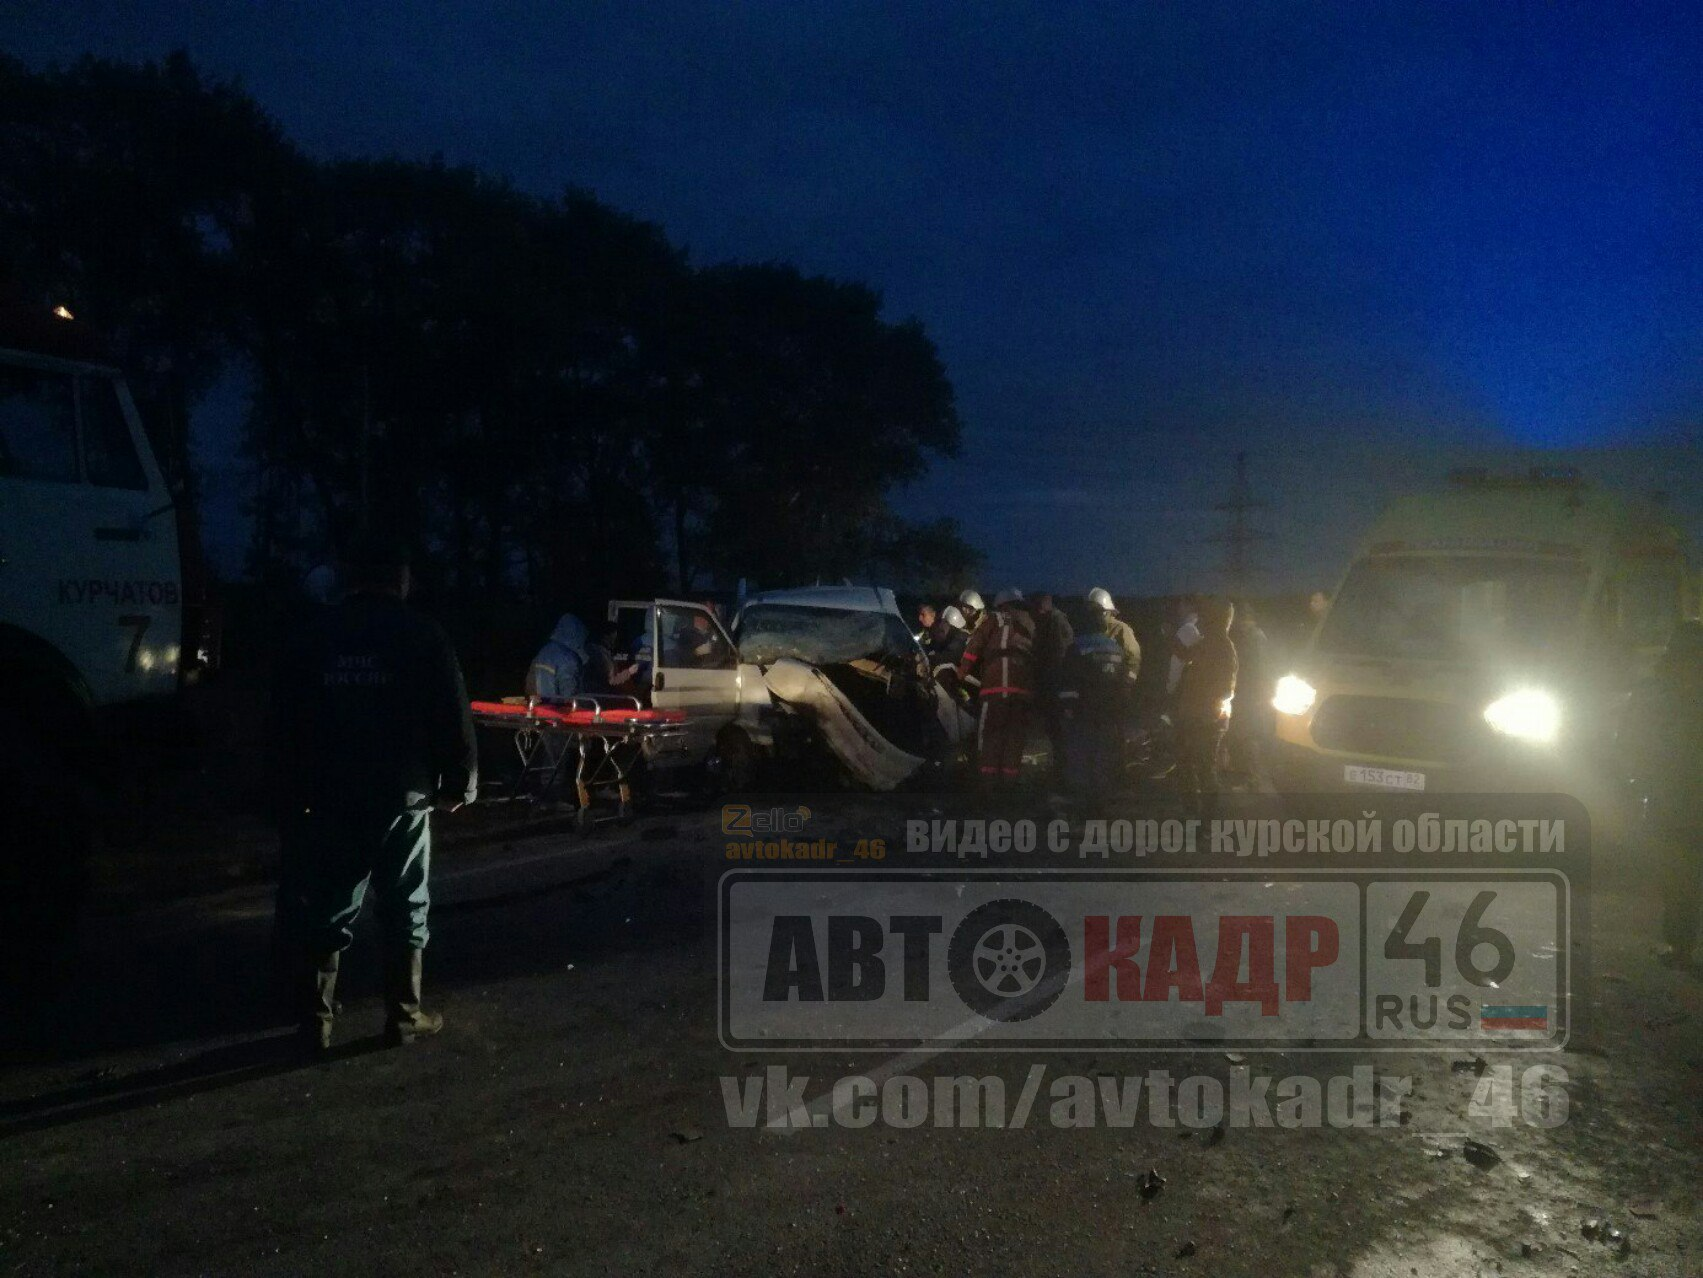 Вмассовом ДТП натрассе вКурской области погибли два автомобилиста